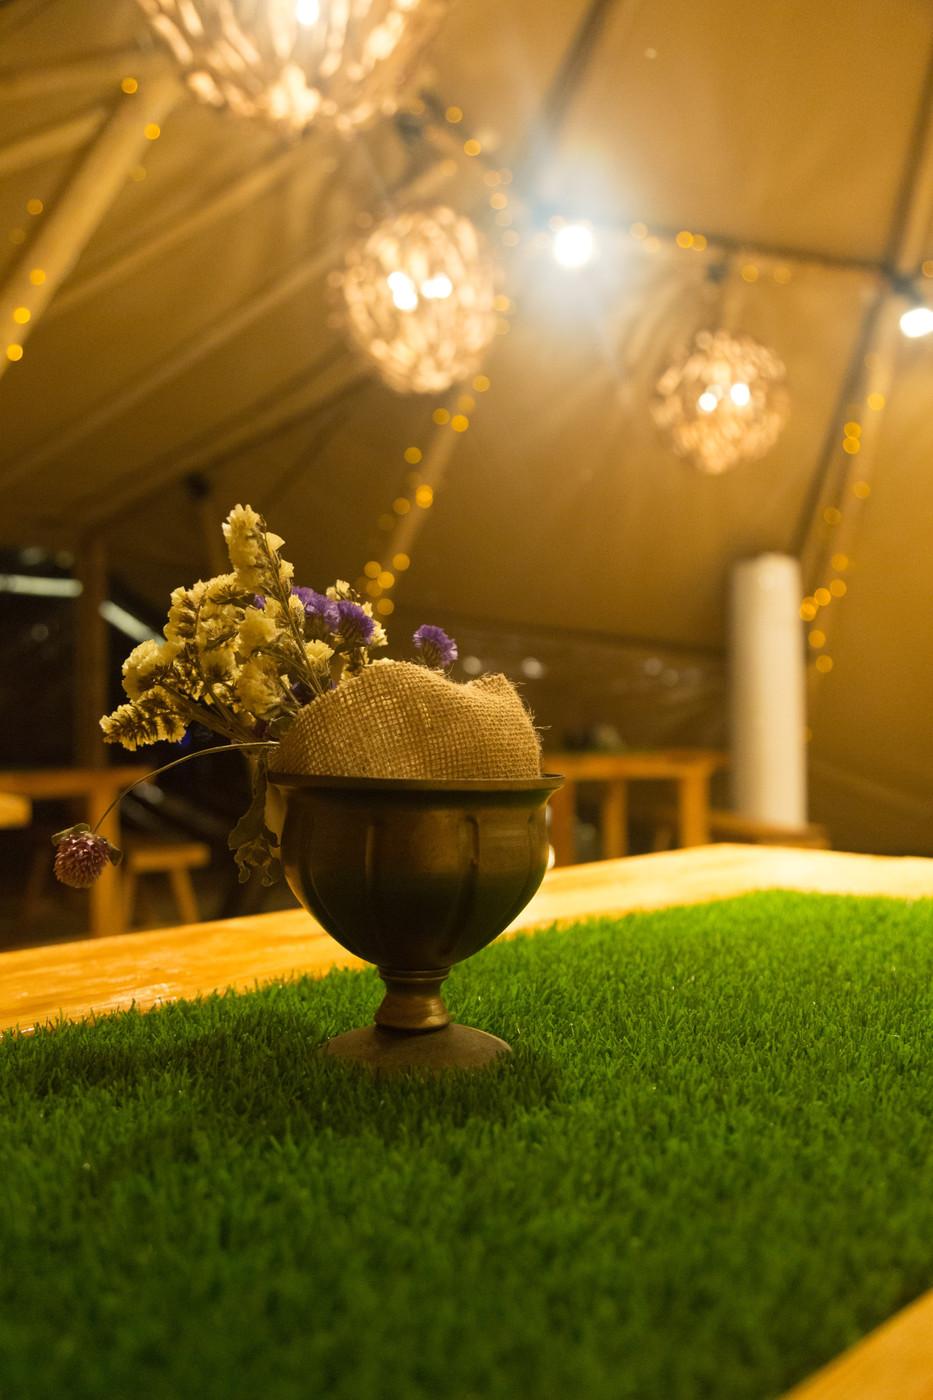 喜马拉雅印第安多功能大厅帐篷酒店46